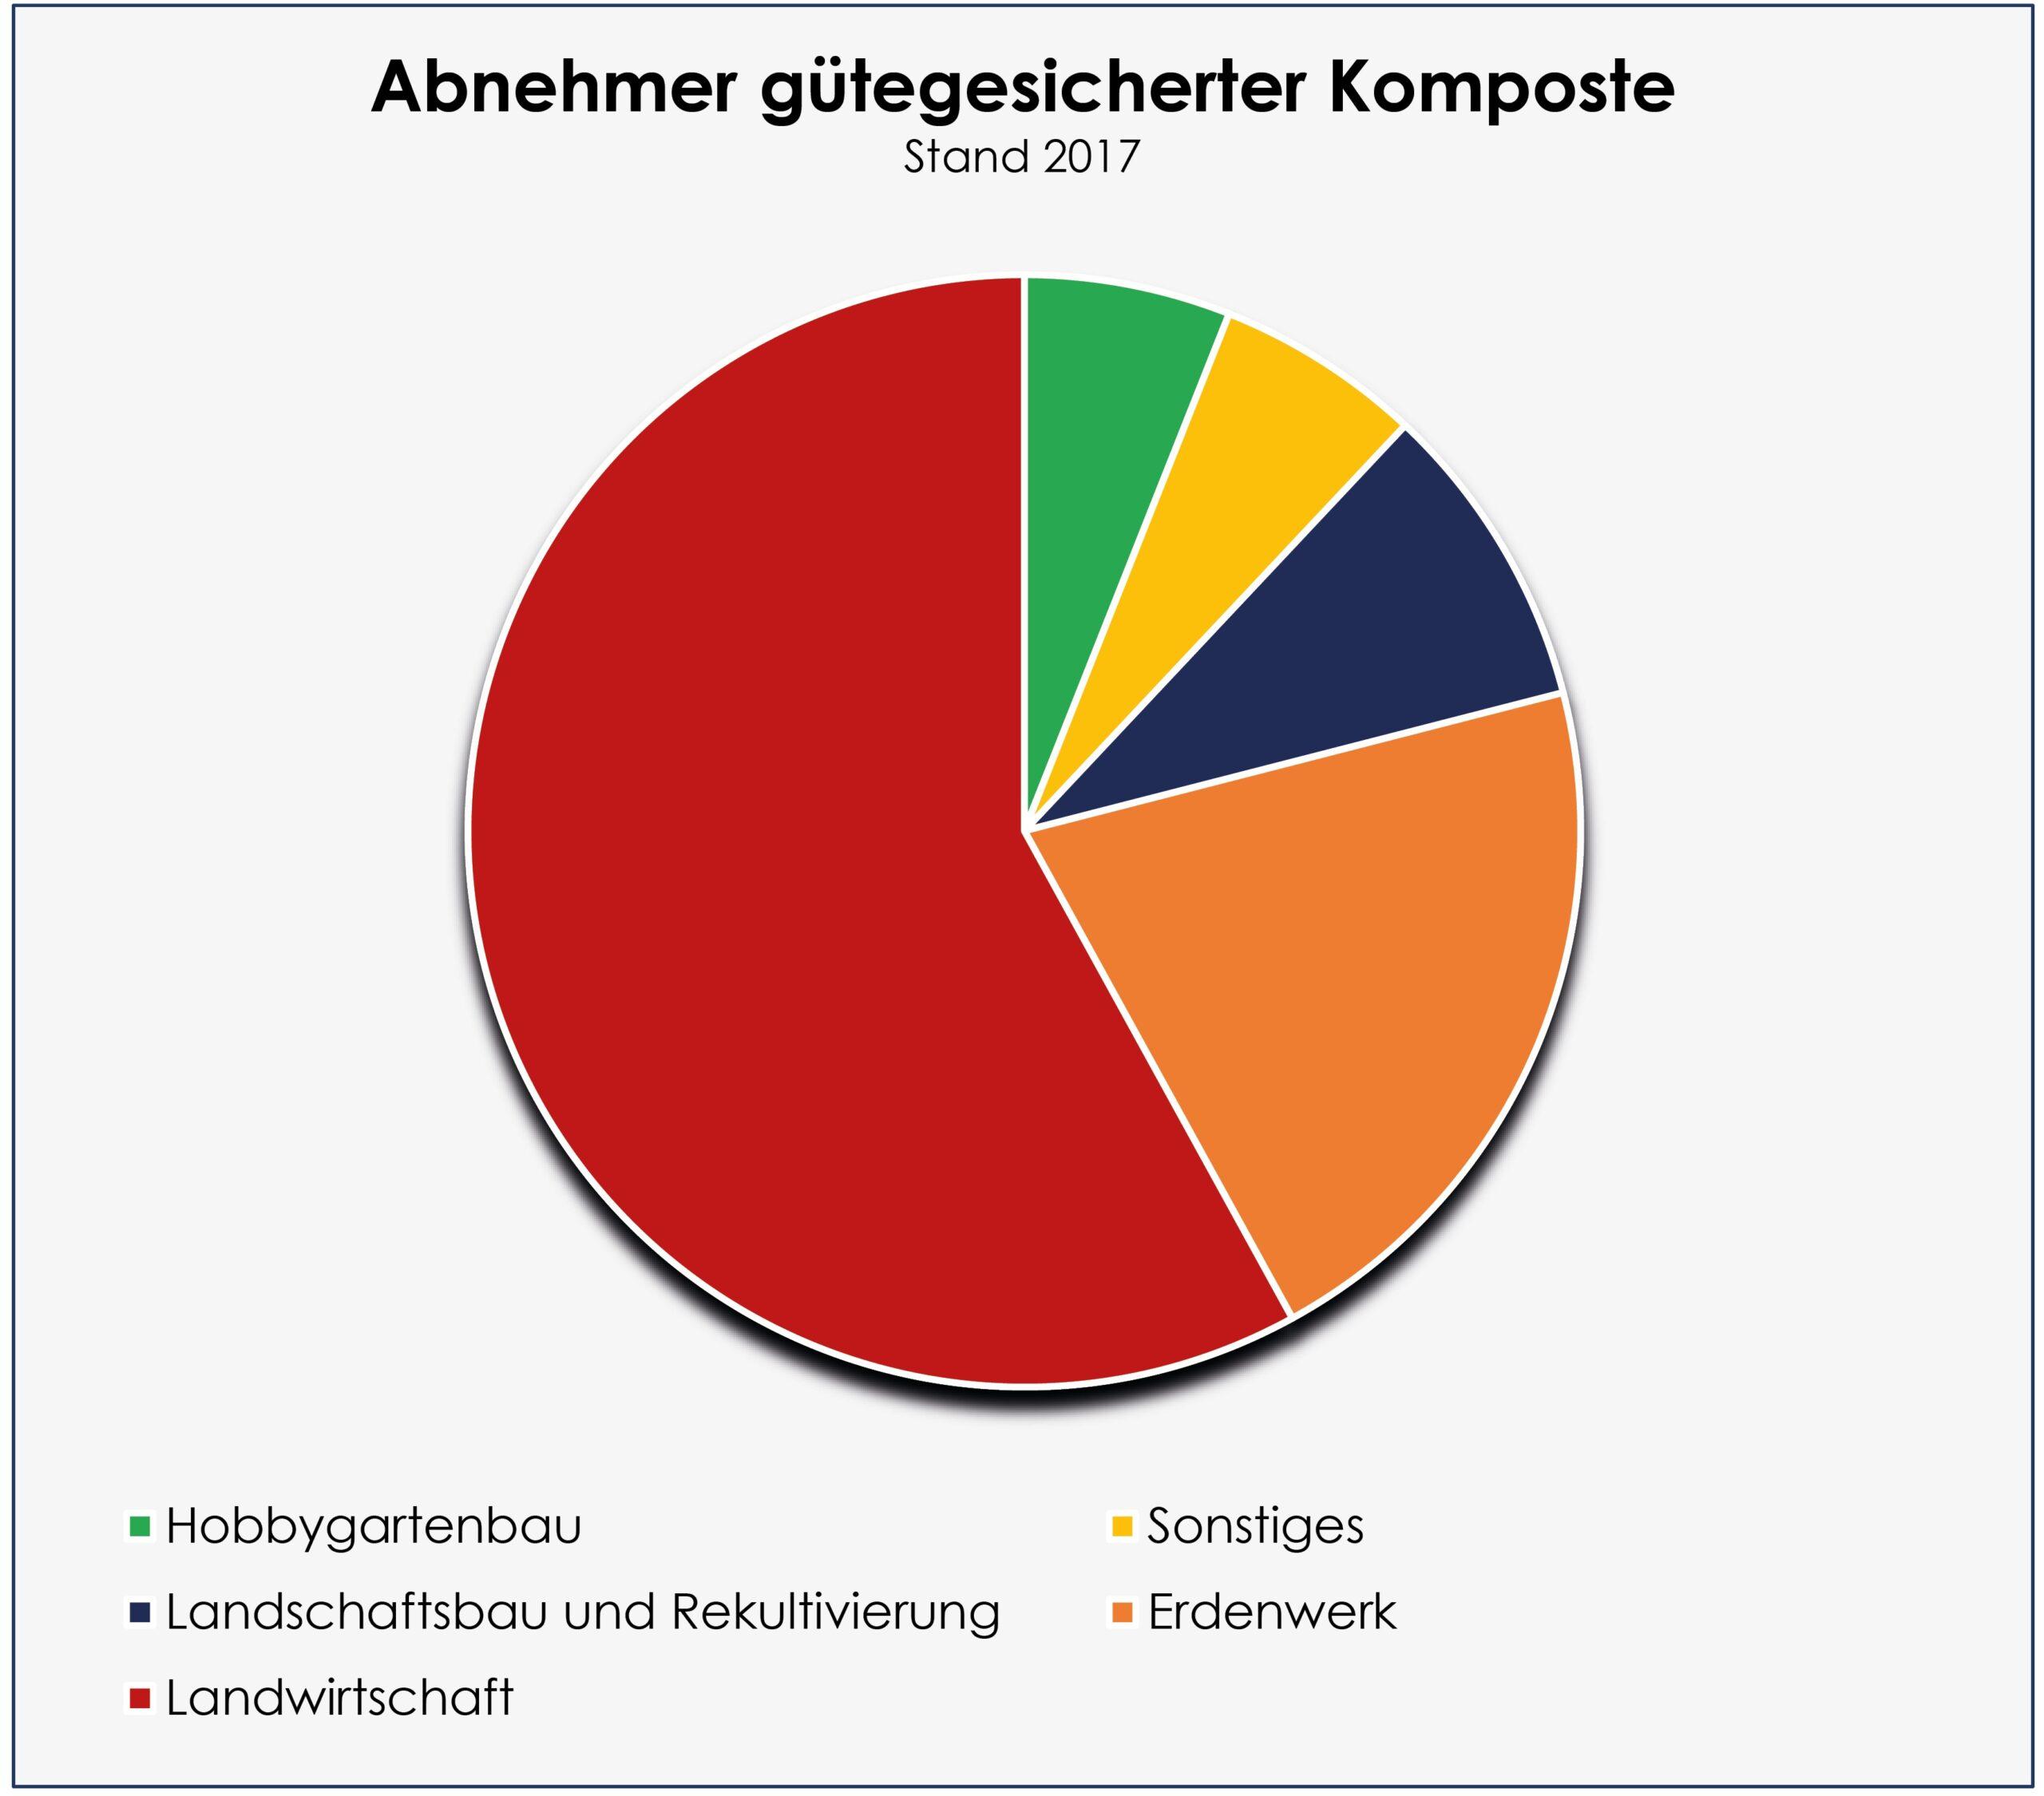 Unser Diagramm zeigt die Abnehmer von Komposten (Stand 2017, Daten: Bundesgütegemeinschaft Kompost e.V.: H&K aktuell Q1 2018)